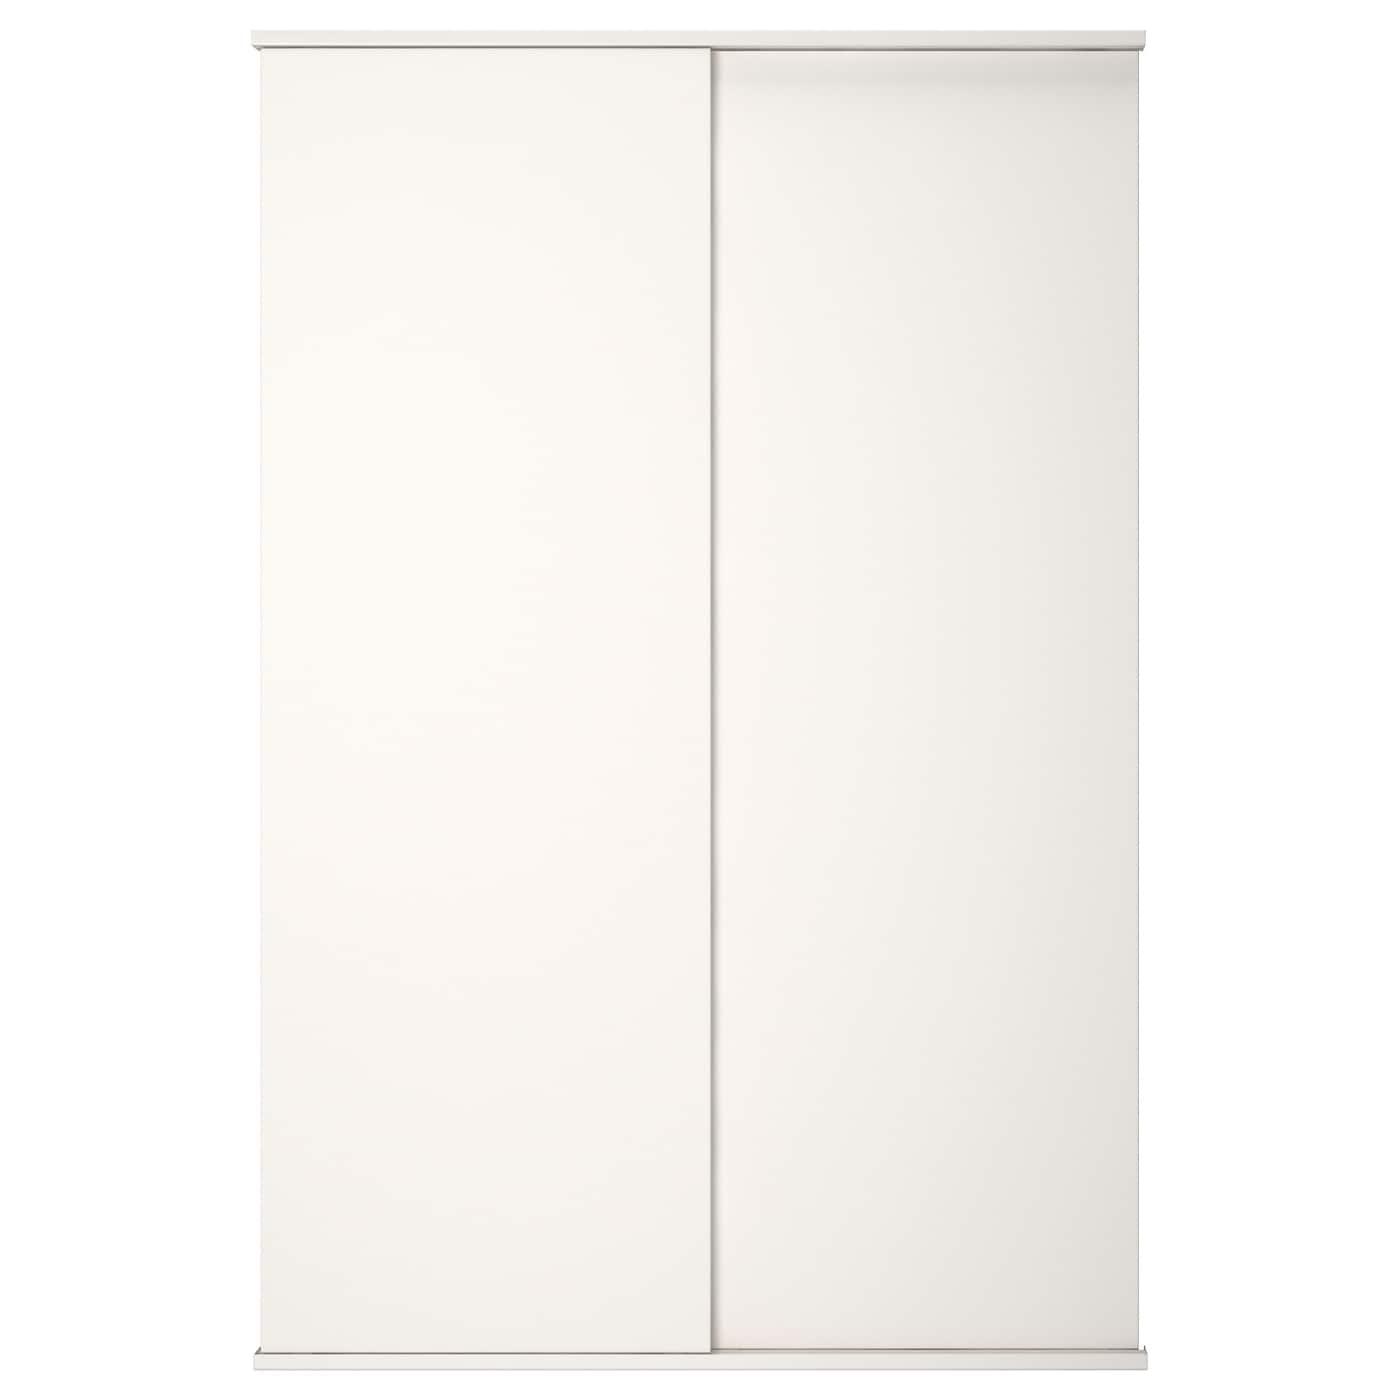 Fonnes Schiebetur Schiene Weiss Ikea Schweiz Diy ways to make cheap wardrobes look more expensive. fonnes schiebetur schiene weiss 120x180 cm